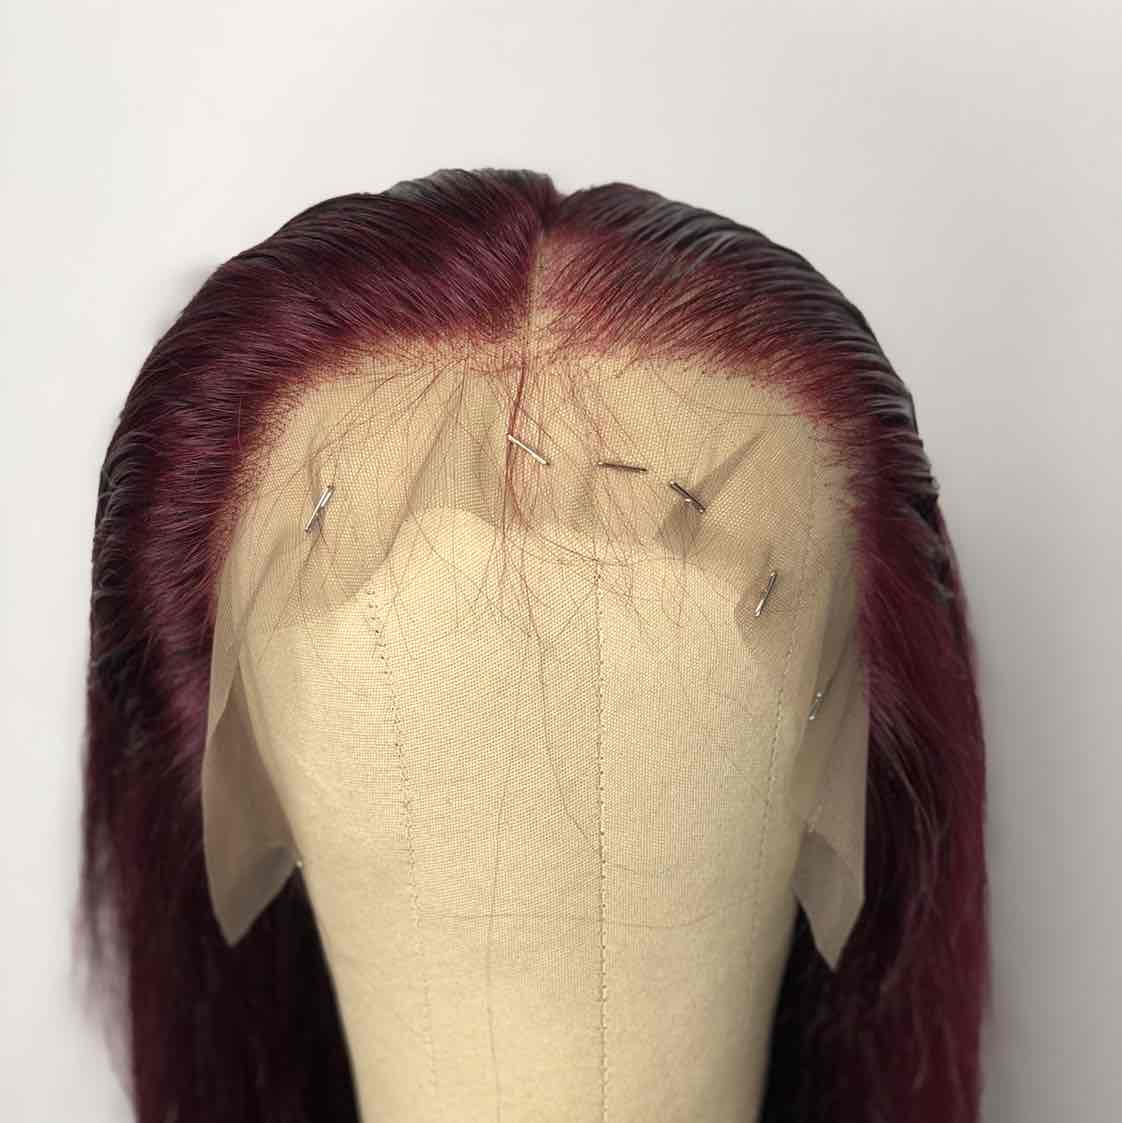 salon de coiffure afro tresse tresses box braids crochet braids vanilles tissages paris 75 77 78 91 92 93 94 95 ZPBJGULX